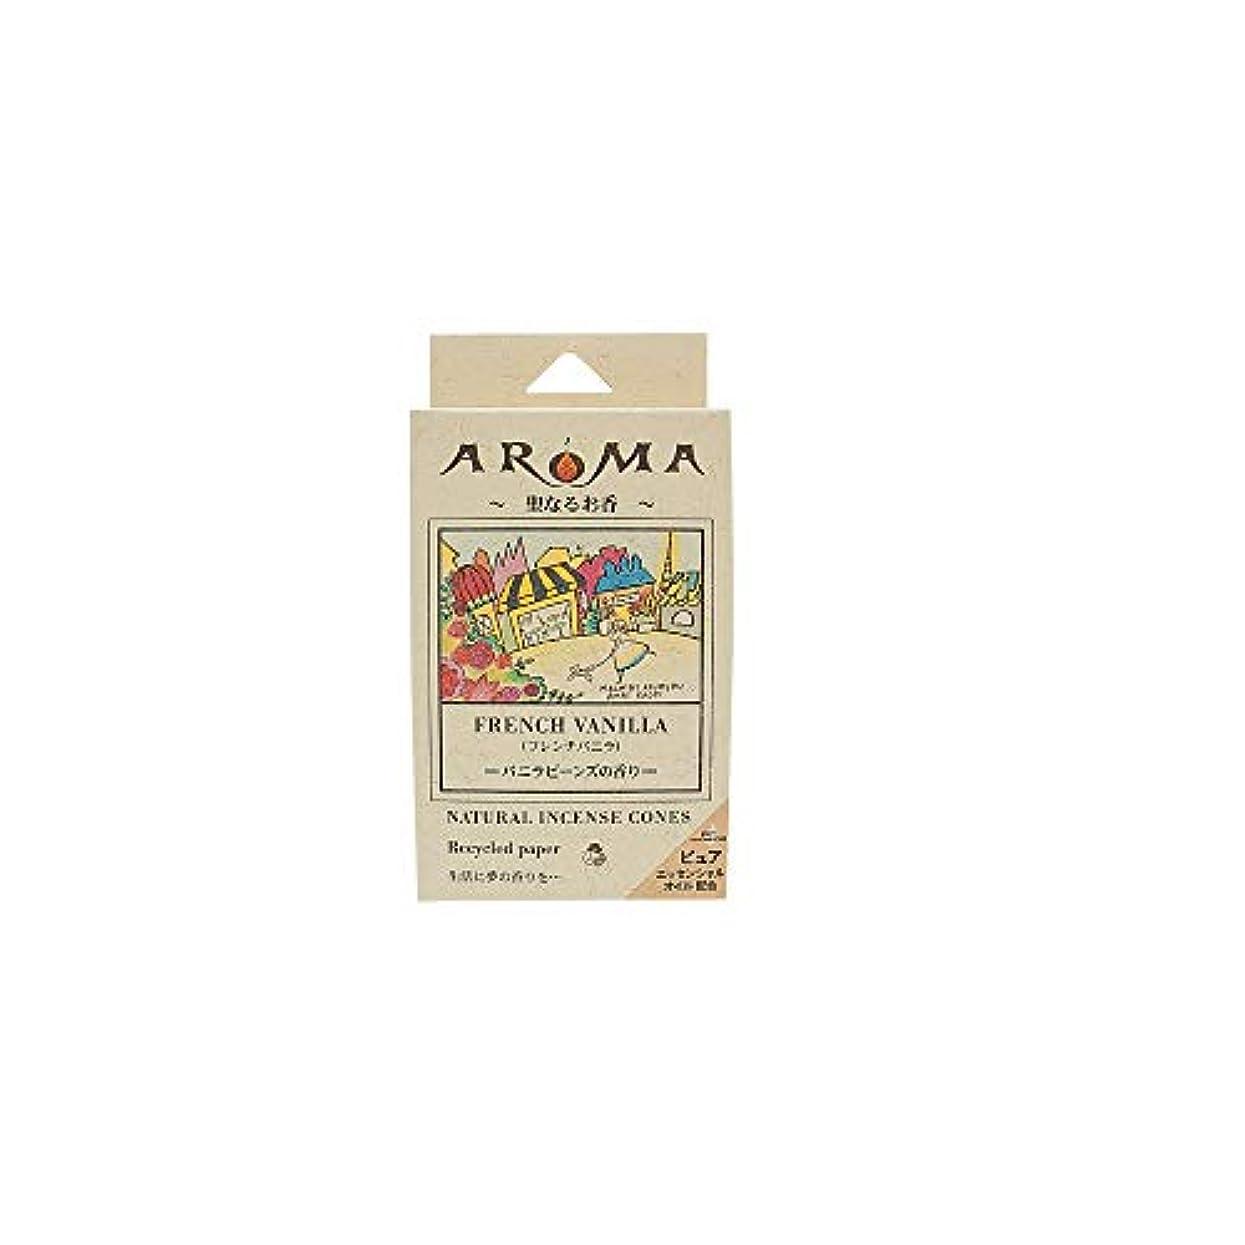 ホステス昼間集計アロマ香 フレンチバニラ 16粒(コーンタイプインセンス 1粒の燃焼時間約20分 バニラビーンズの香り)